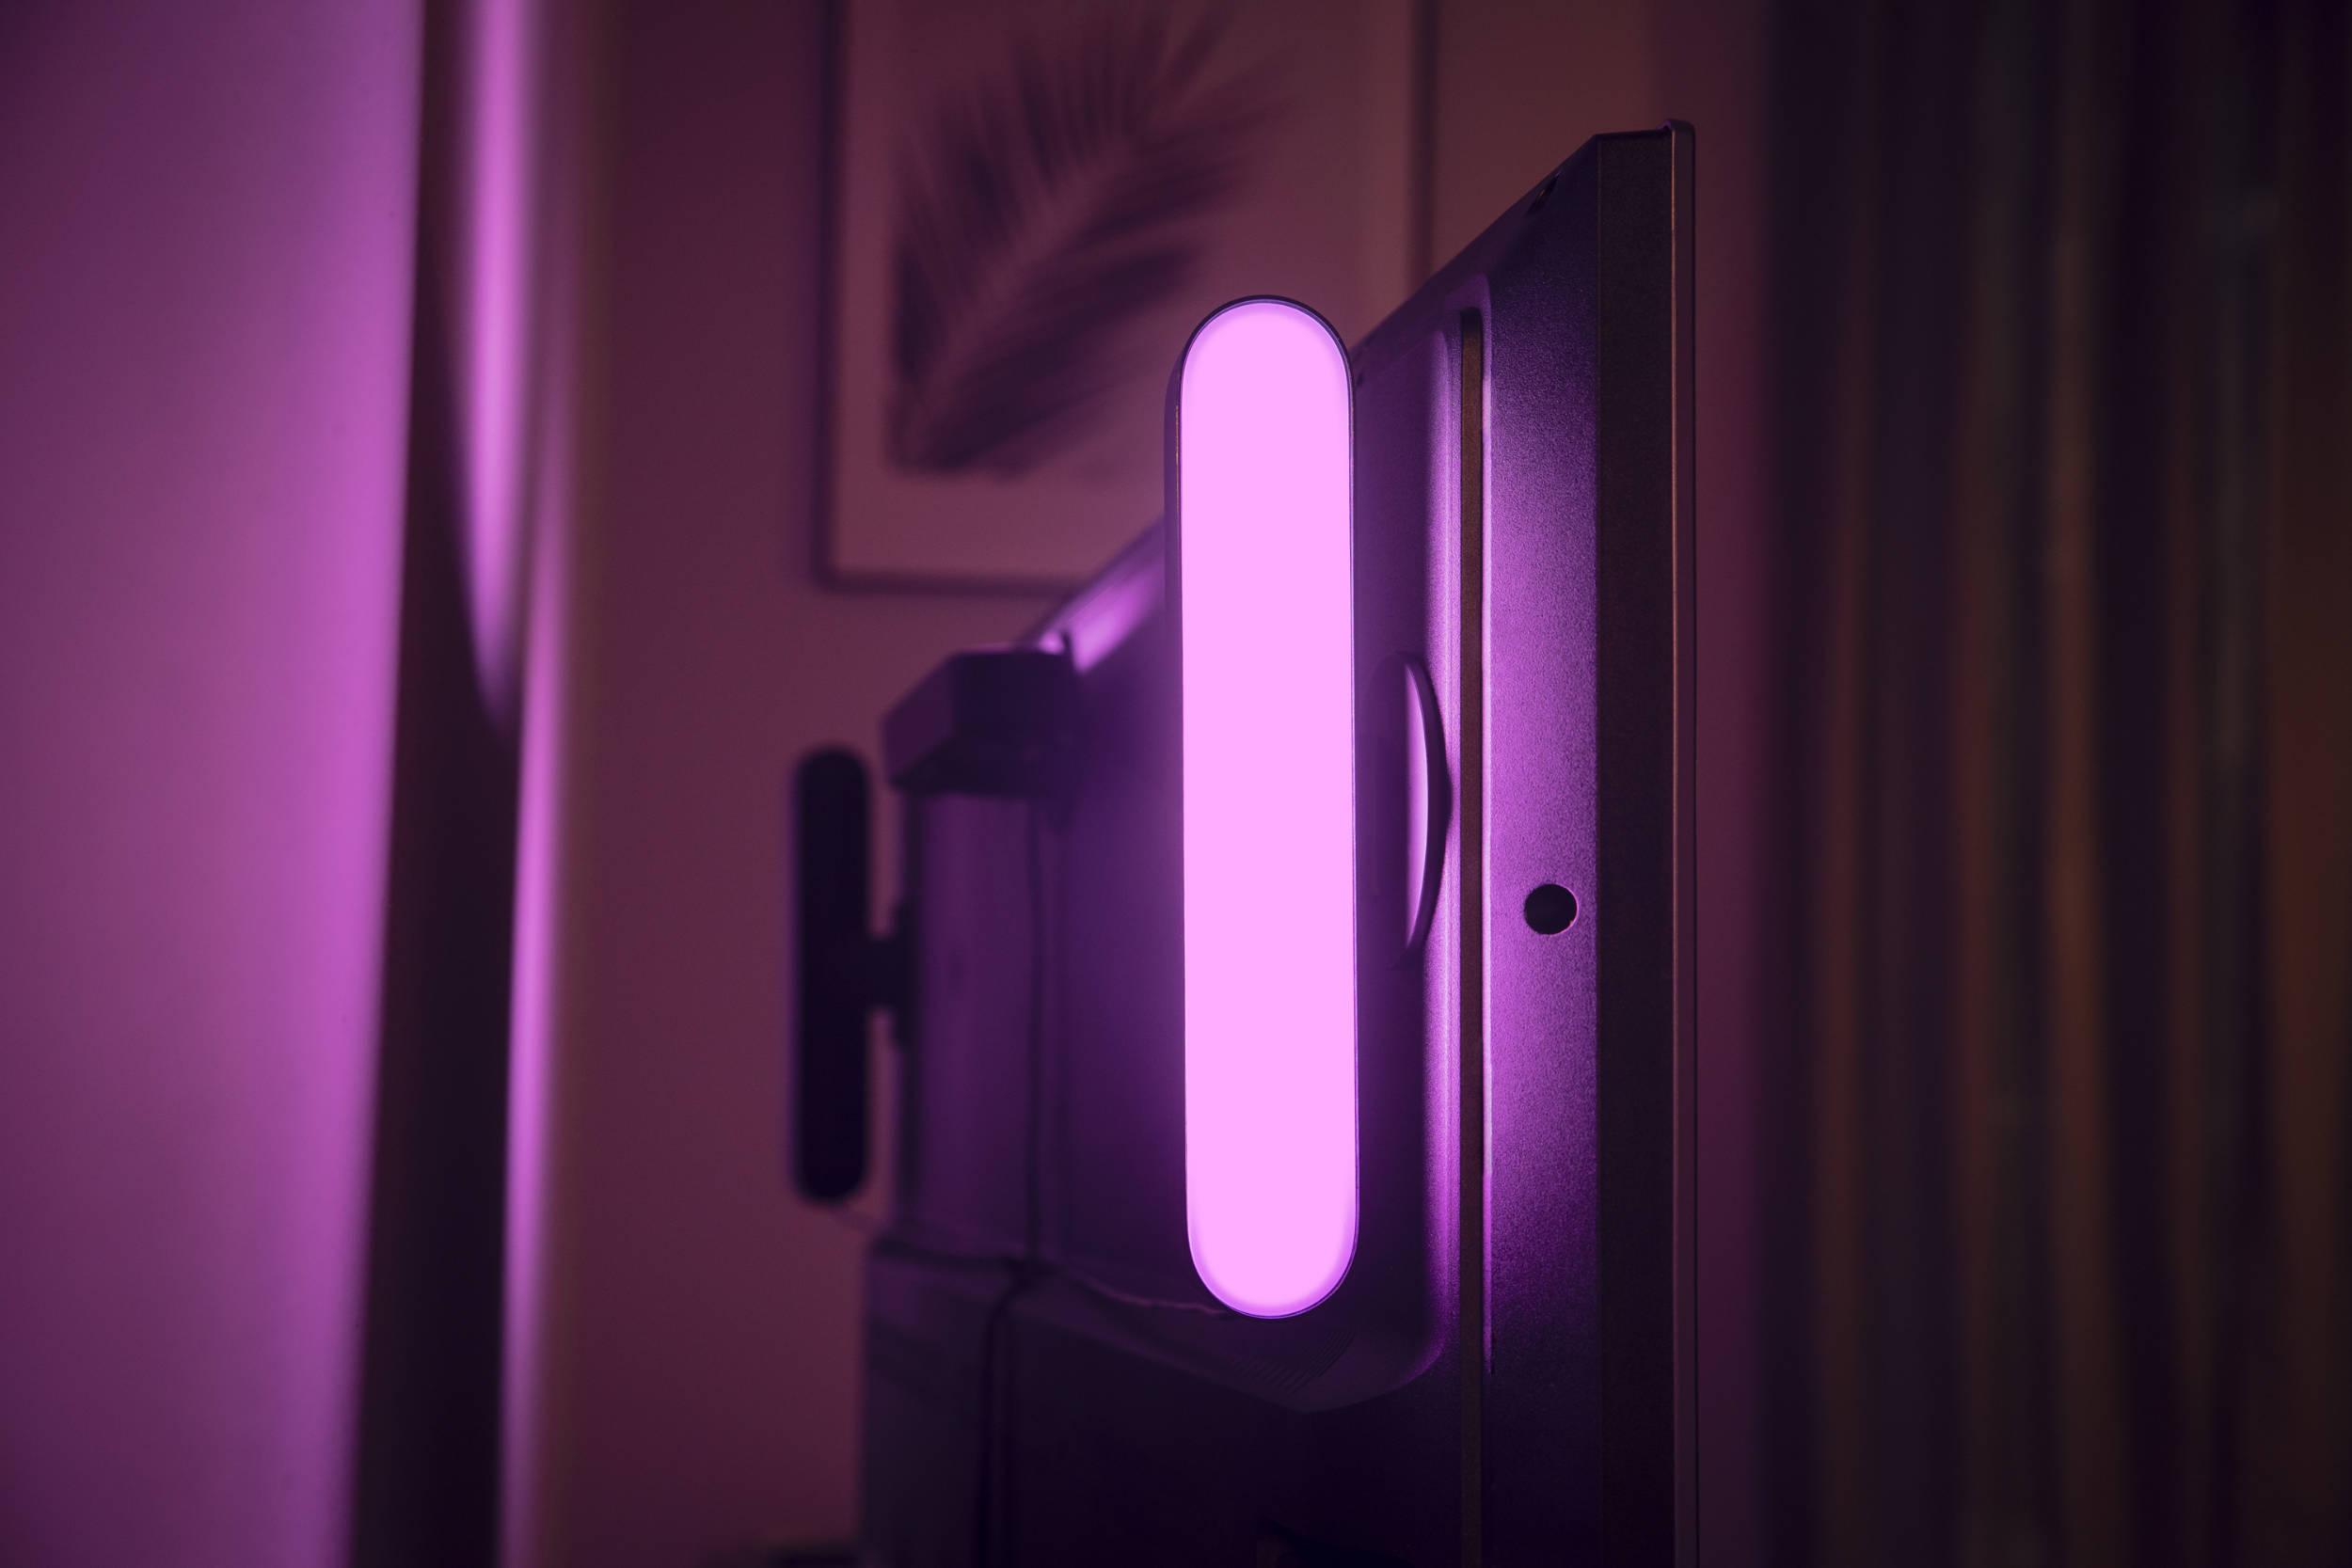 Hue Lampen Philips : Signify stellt neue philips hue leuchten für alle heimbereiche vor